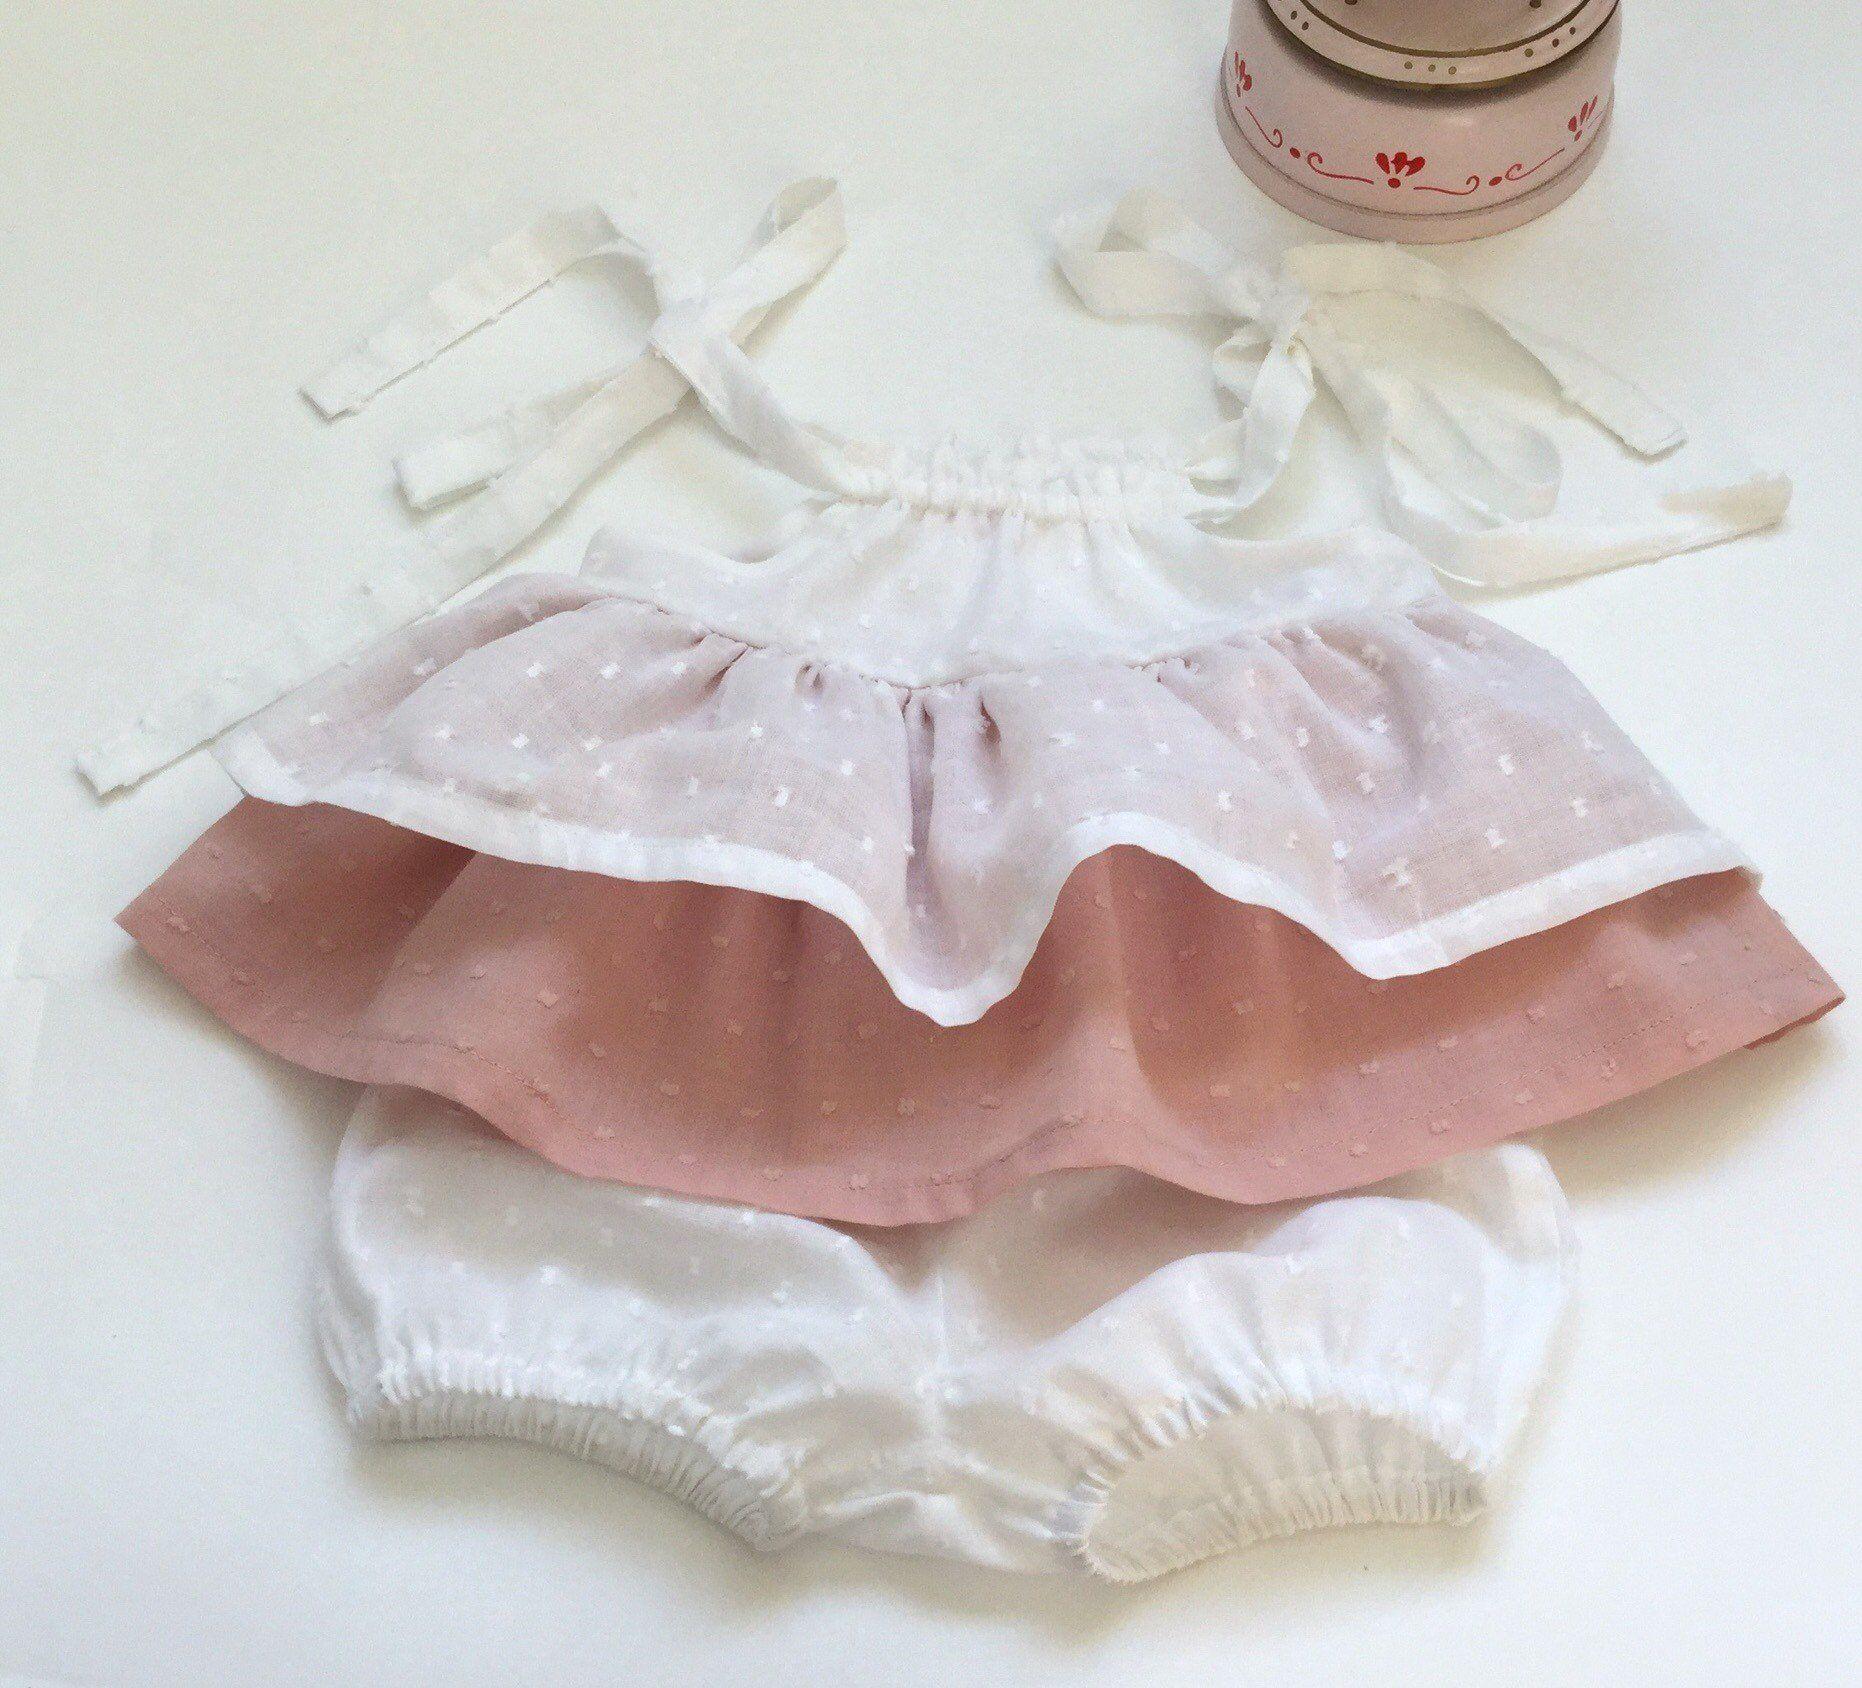 d3cd5ef629 Completino bimba in cotone rosa e bianco - scamiciato e culotte per neonata  - prendisole e culotte per bambina - abito cerimonia neonata di cecibirbona  su ...